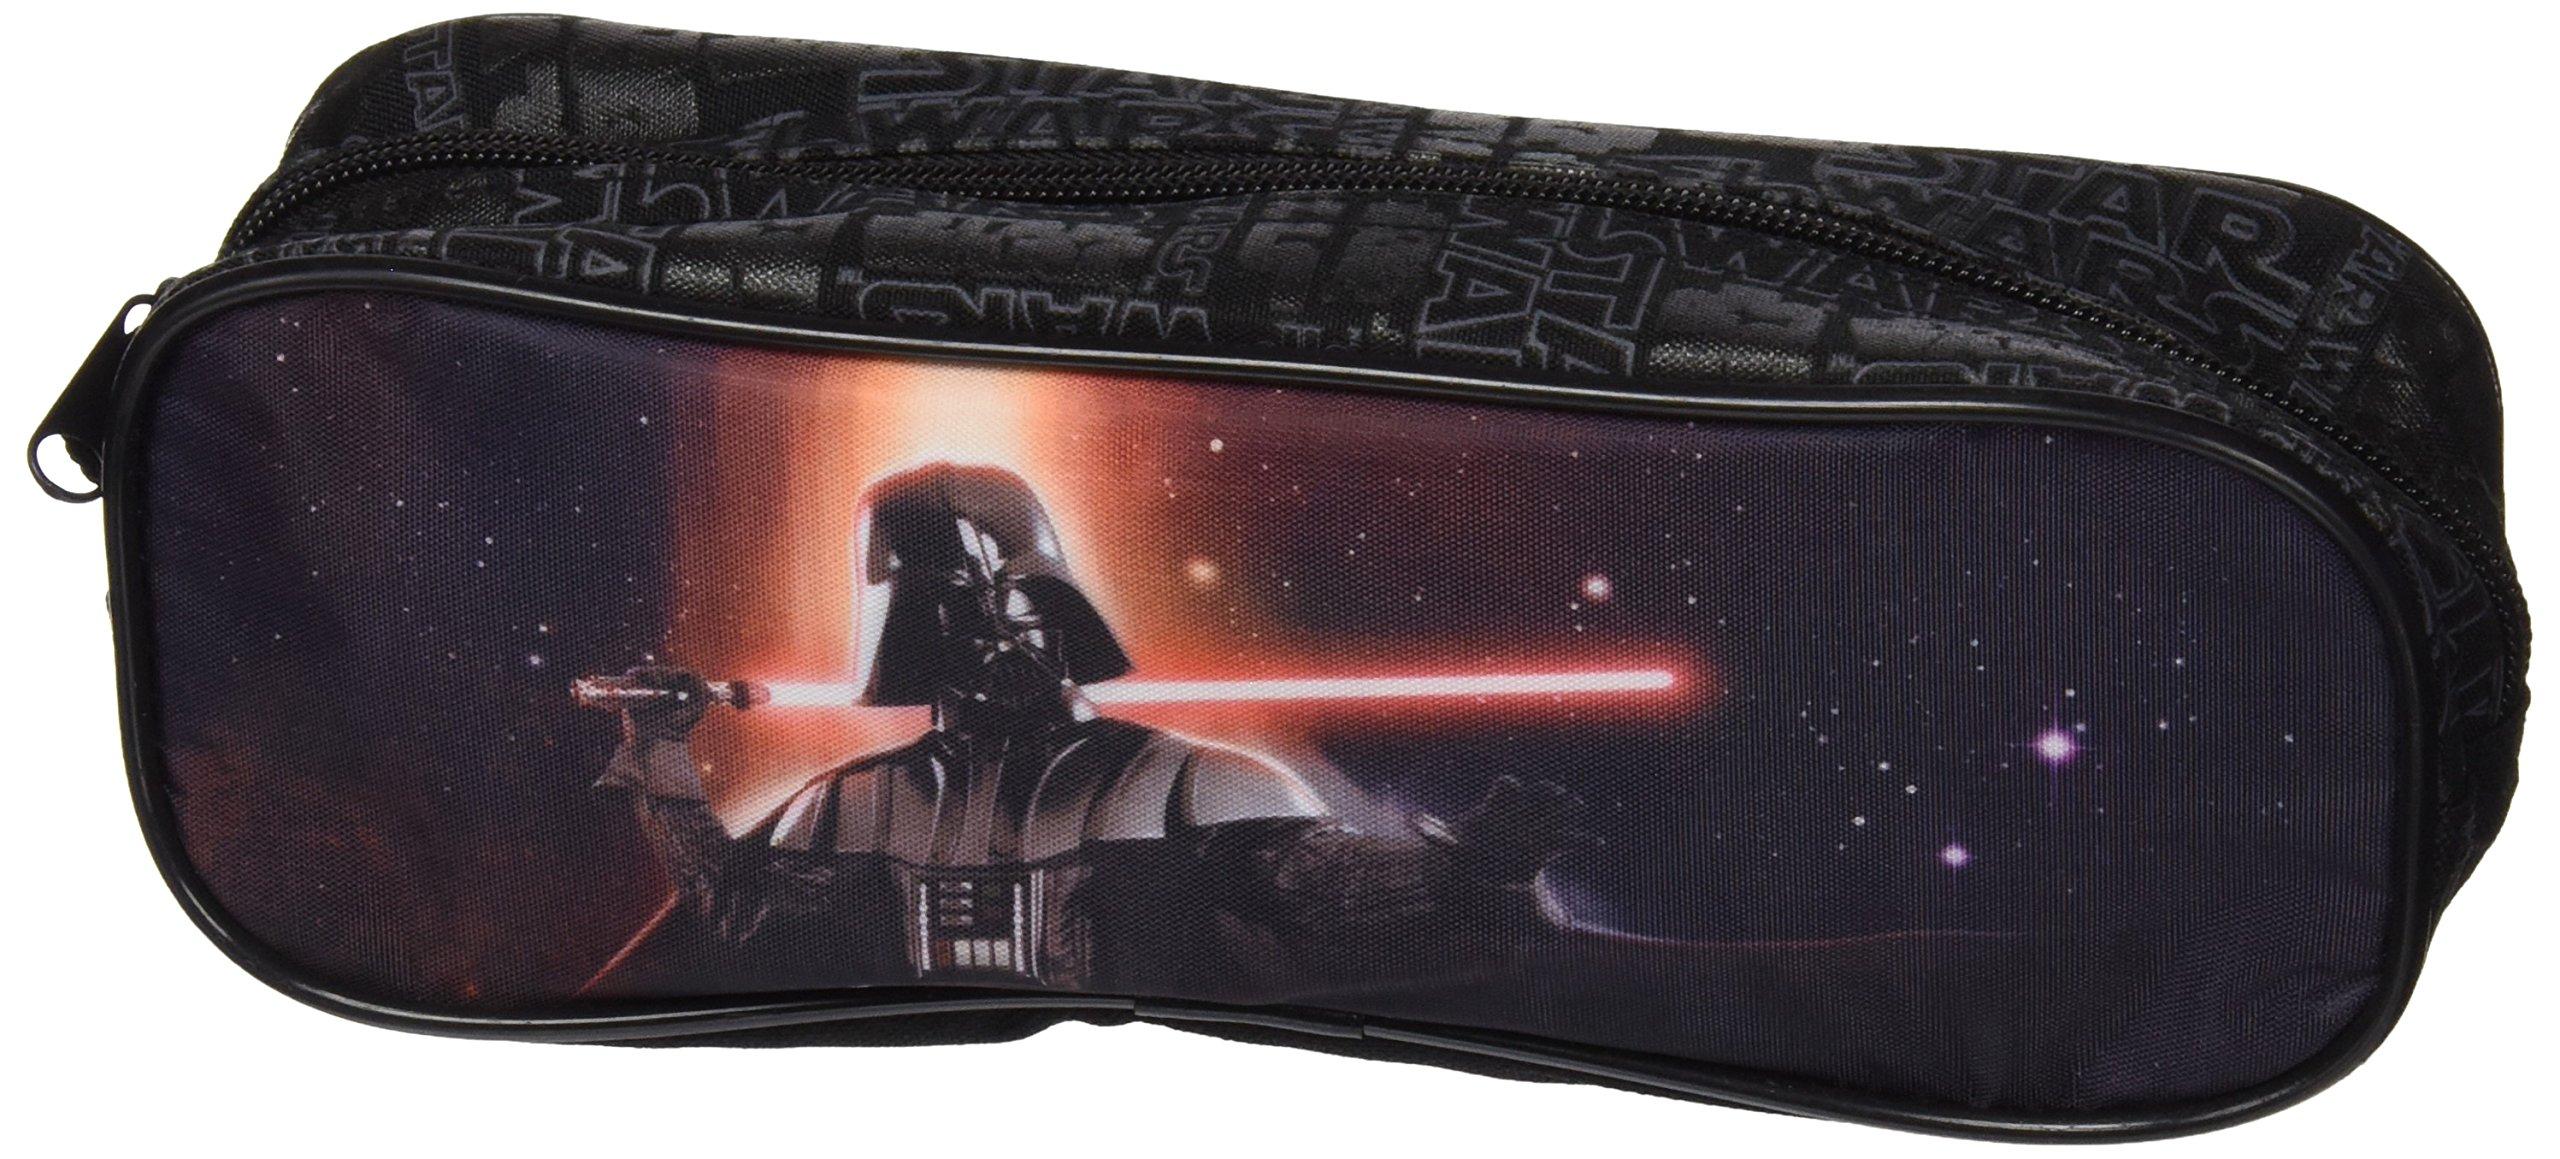 PERLETTI 13800 Estuche Escolar Niño Star Wars – Bolsa para Lapices Estampado Darth Vader – Neceser Portatodo Escuela Viaje La Guerra de las Galaxias – Negro – 8x23x6 cm